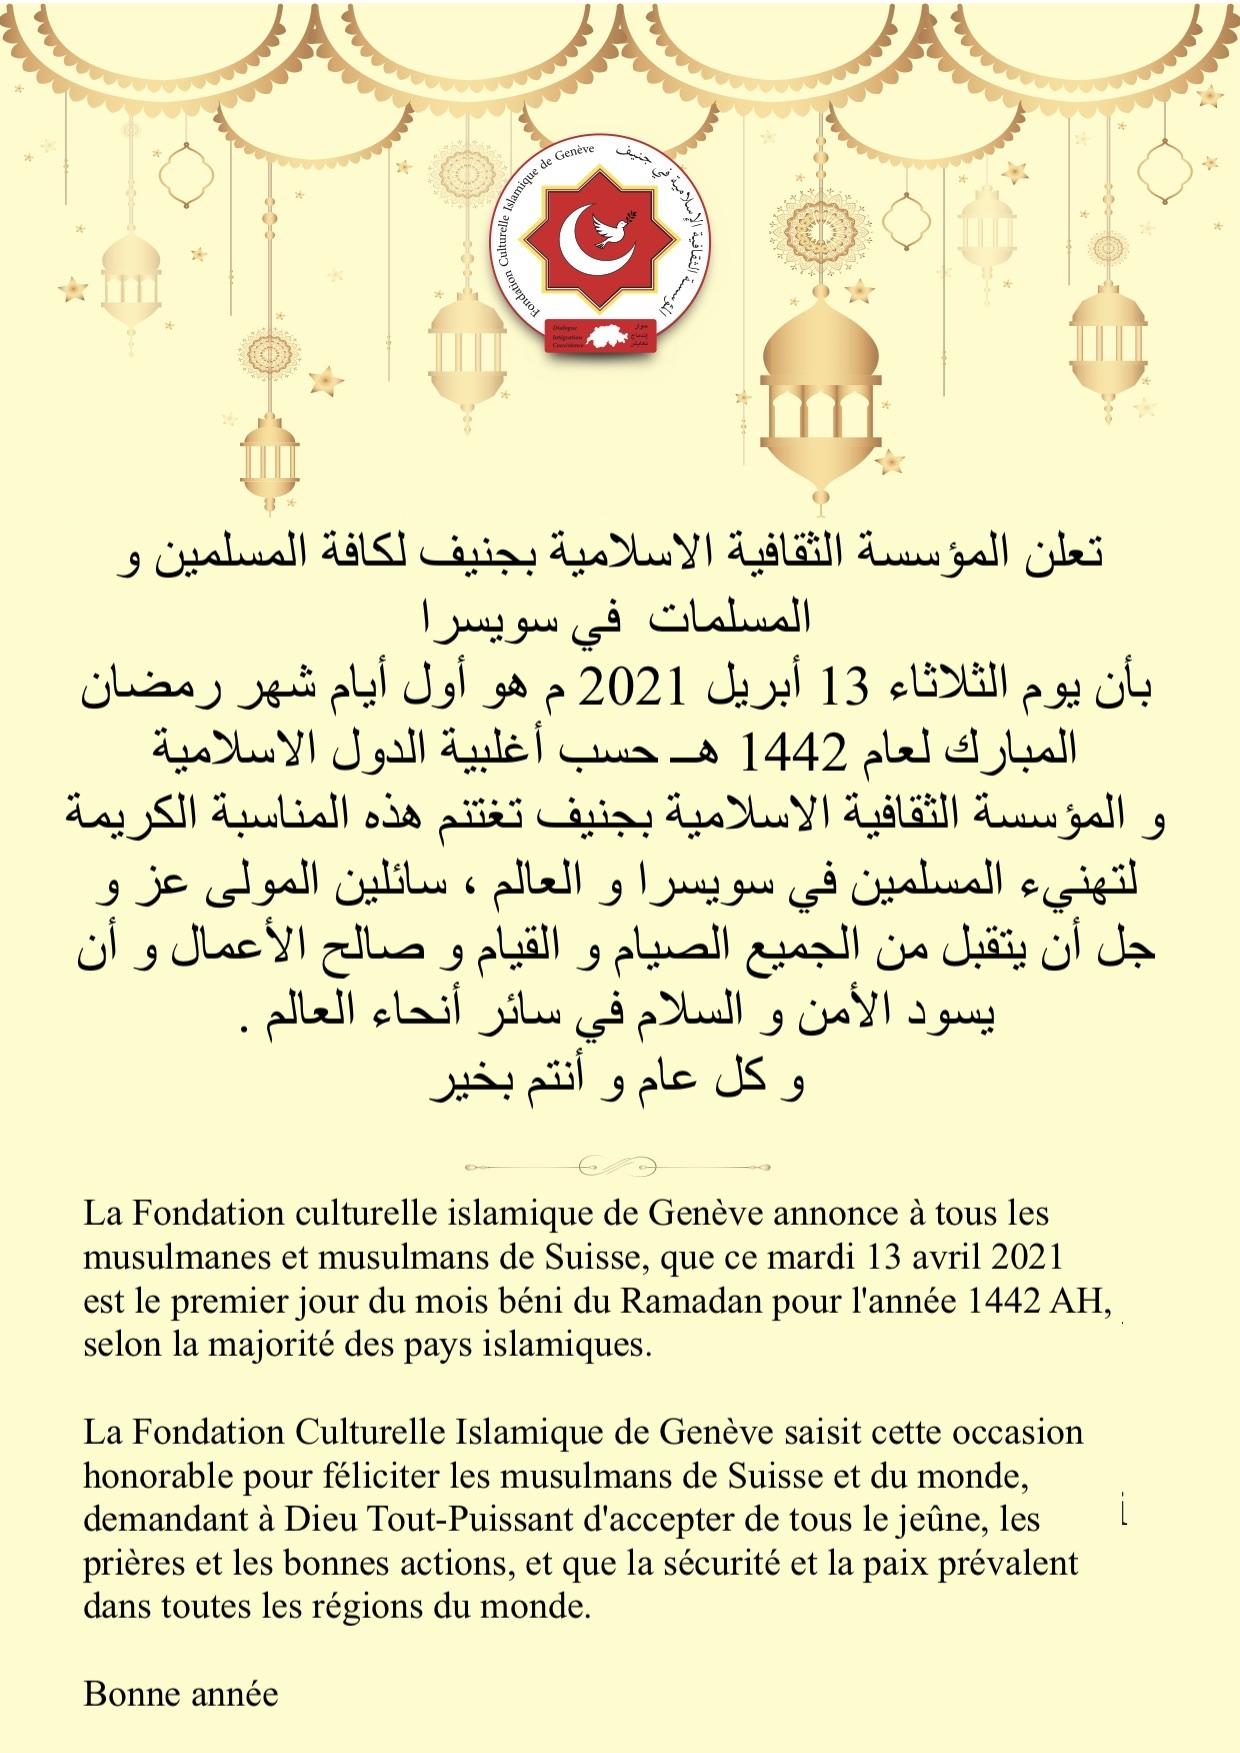 Annonce début Ramadan13 avril 2021